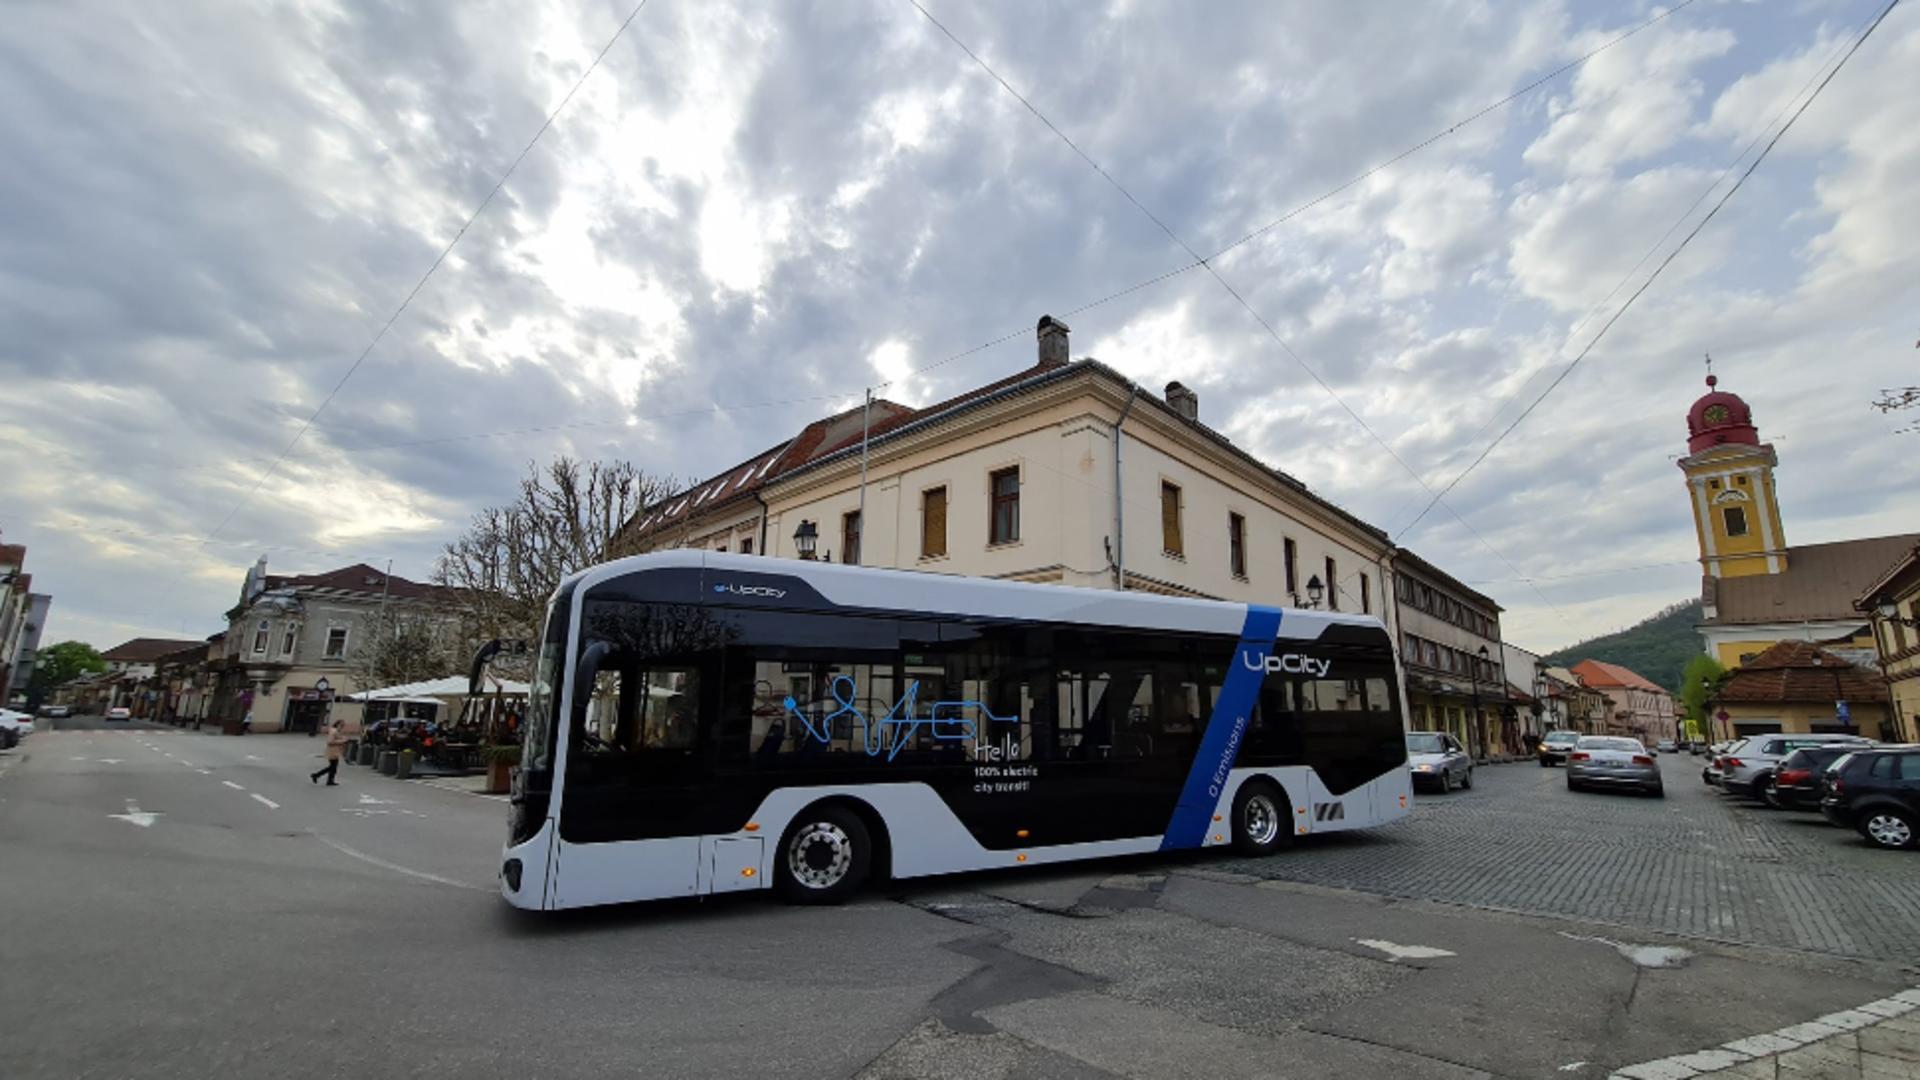 Primul autobuz cu propulsie electrică fabricat în România. Foto/Facebook